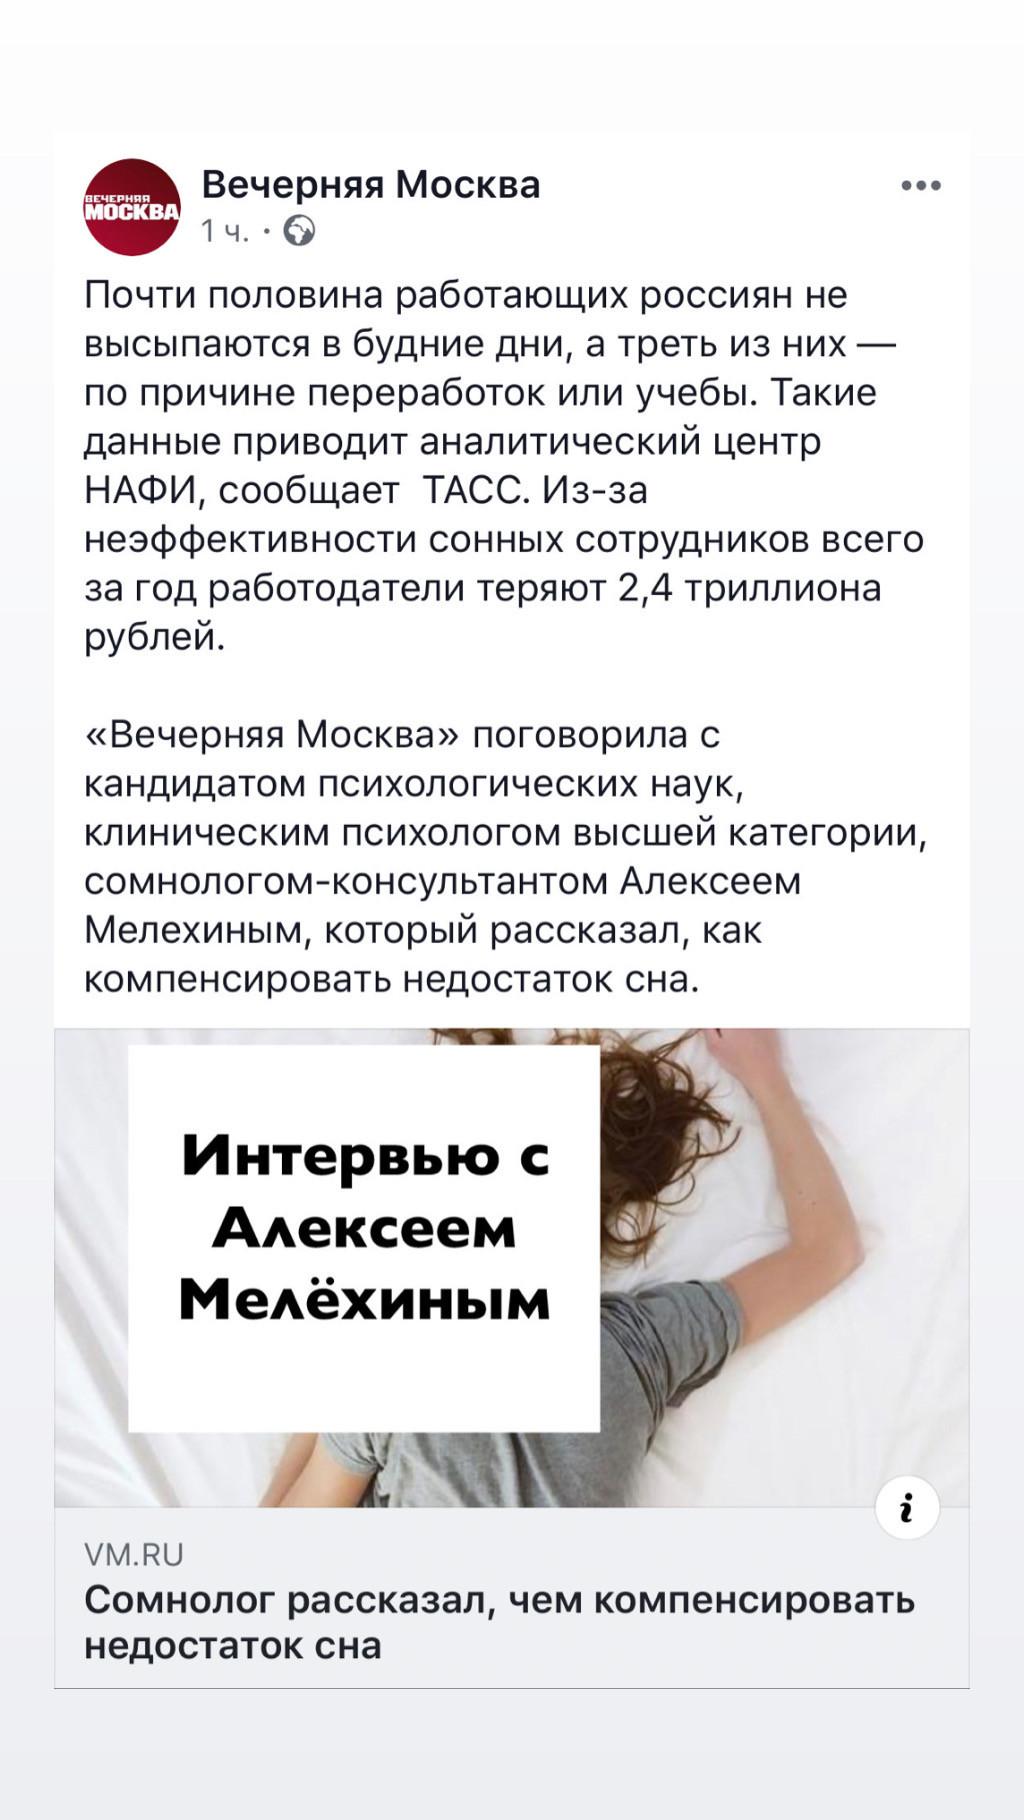 Алексей Мелехин. Как компенсировать недостаток сна